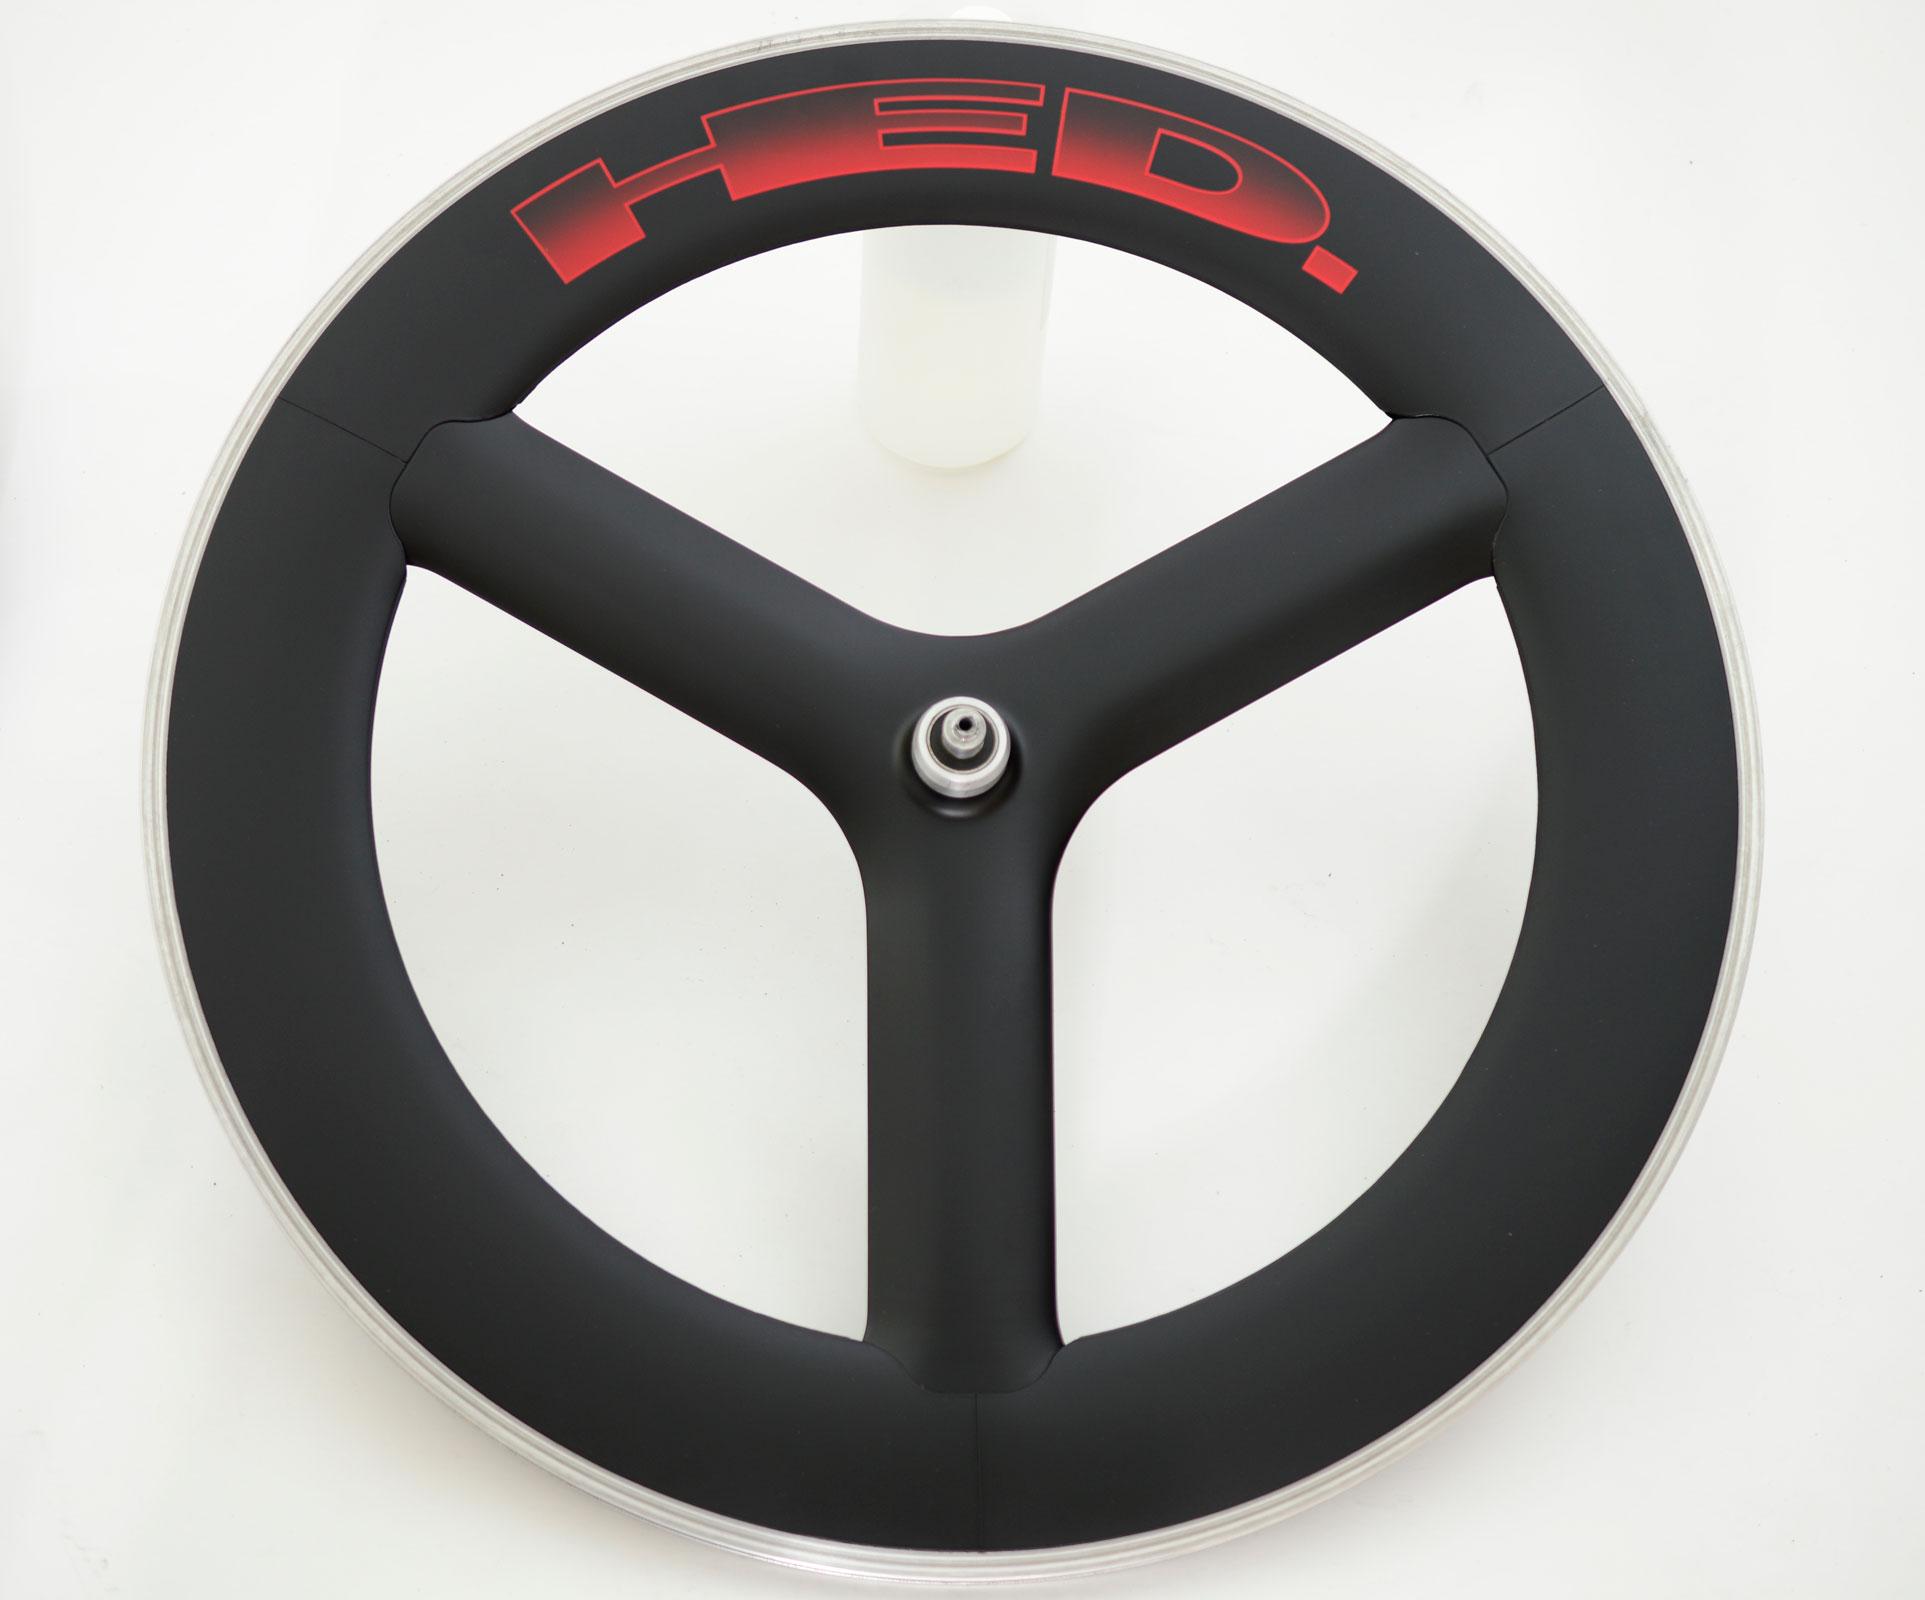 Hed-Wheels-02_web.jpg